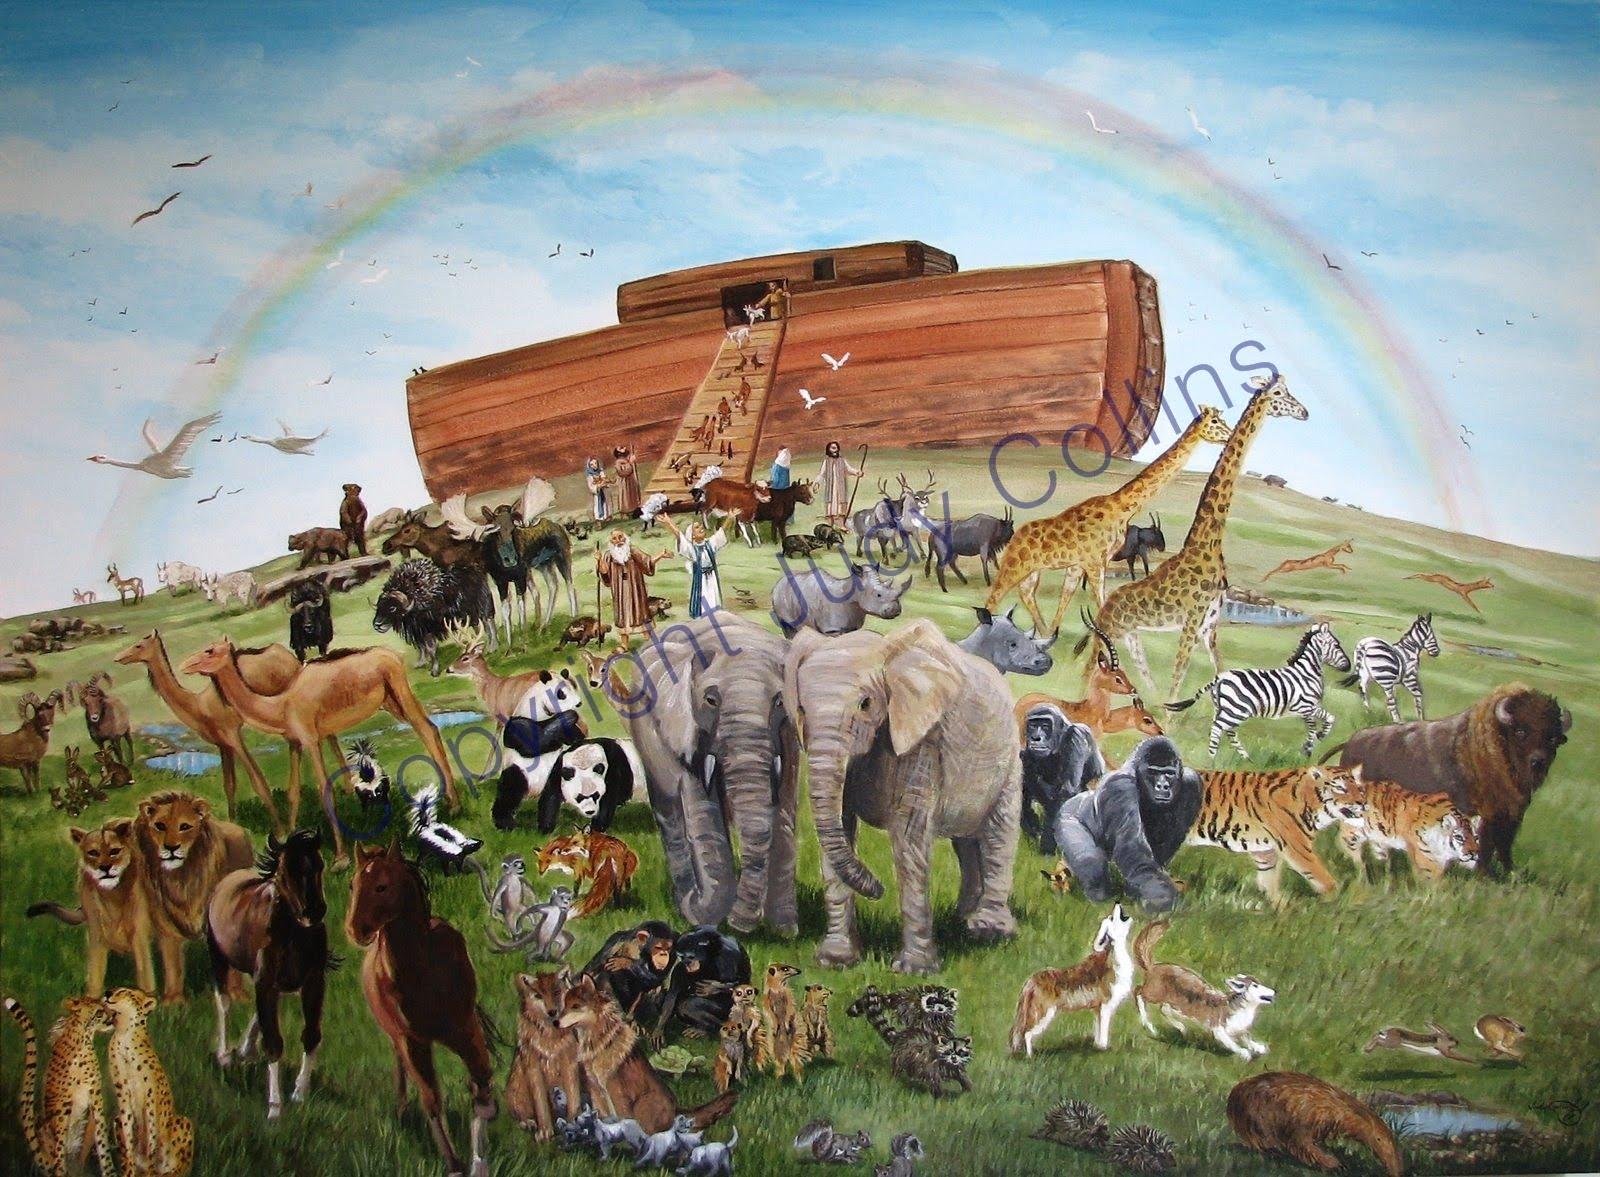 Noah S Ark Thatafricankid